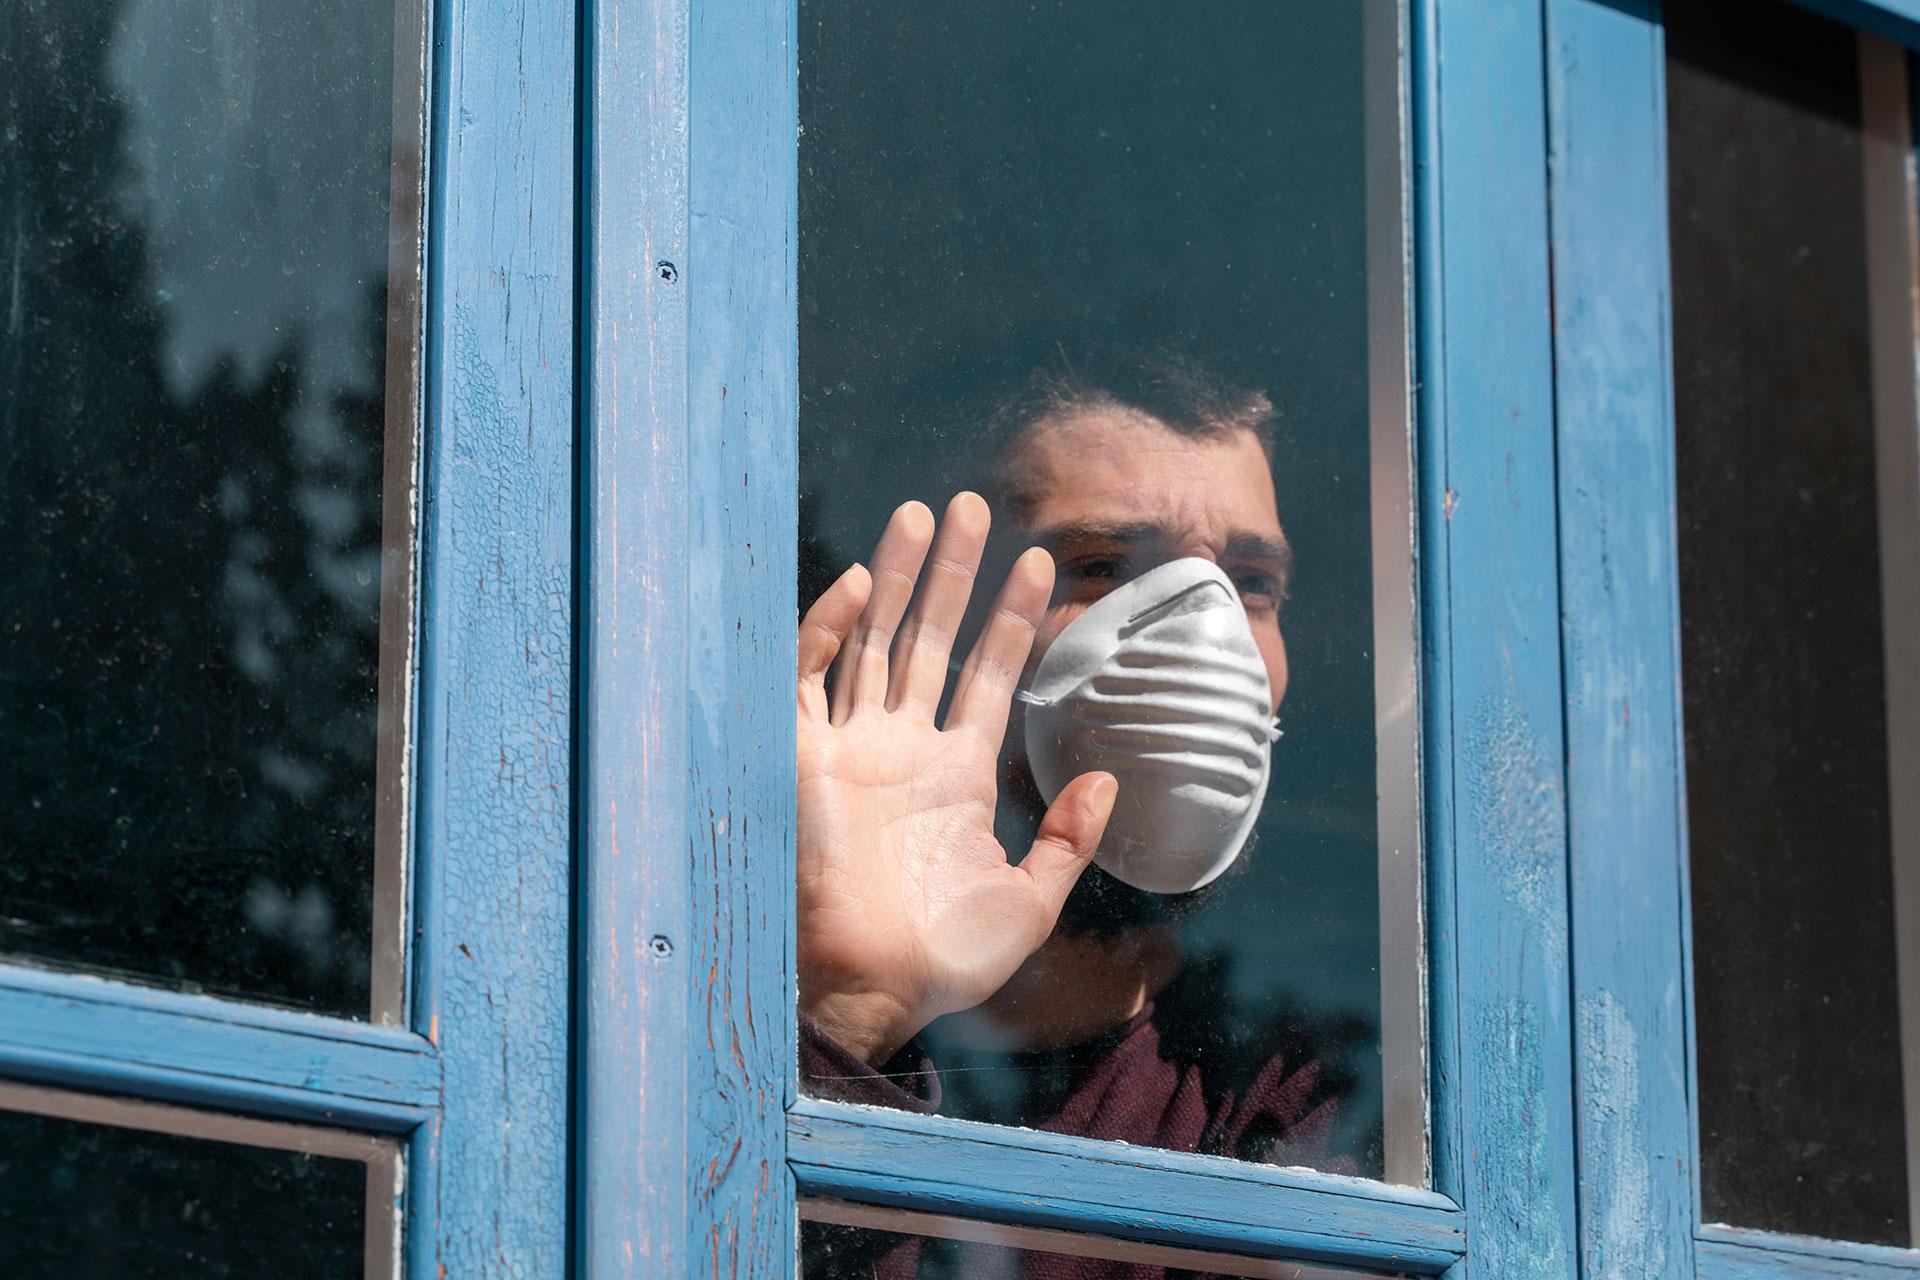 Puerto Montt: Especialista explica que la ansiedad y la angustia son efectos de la cuarentena